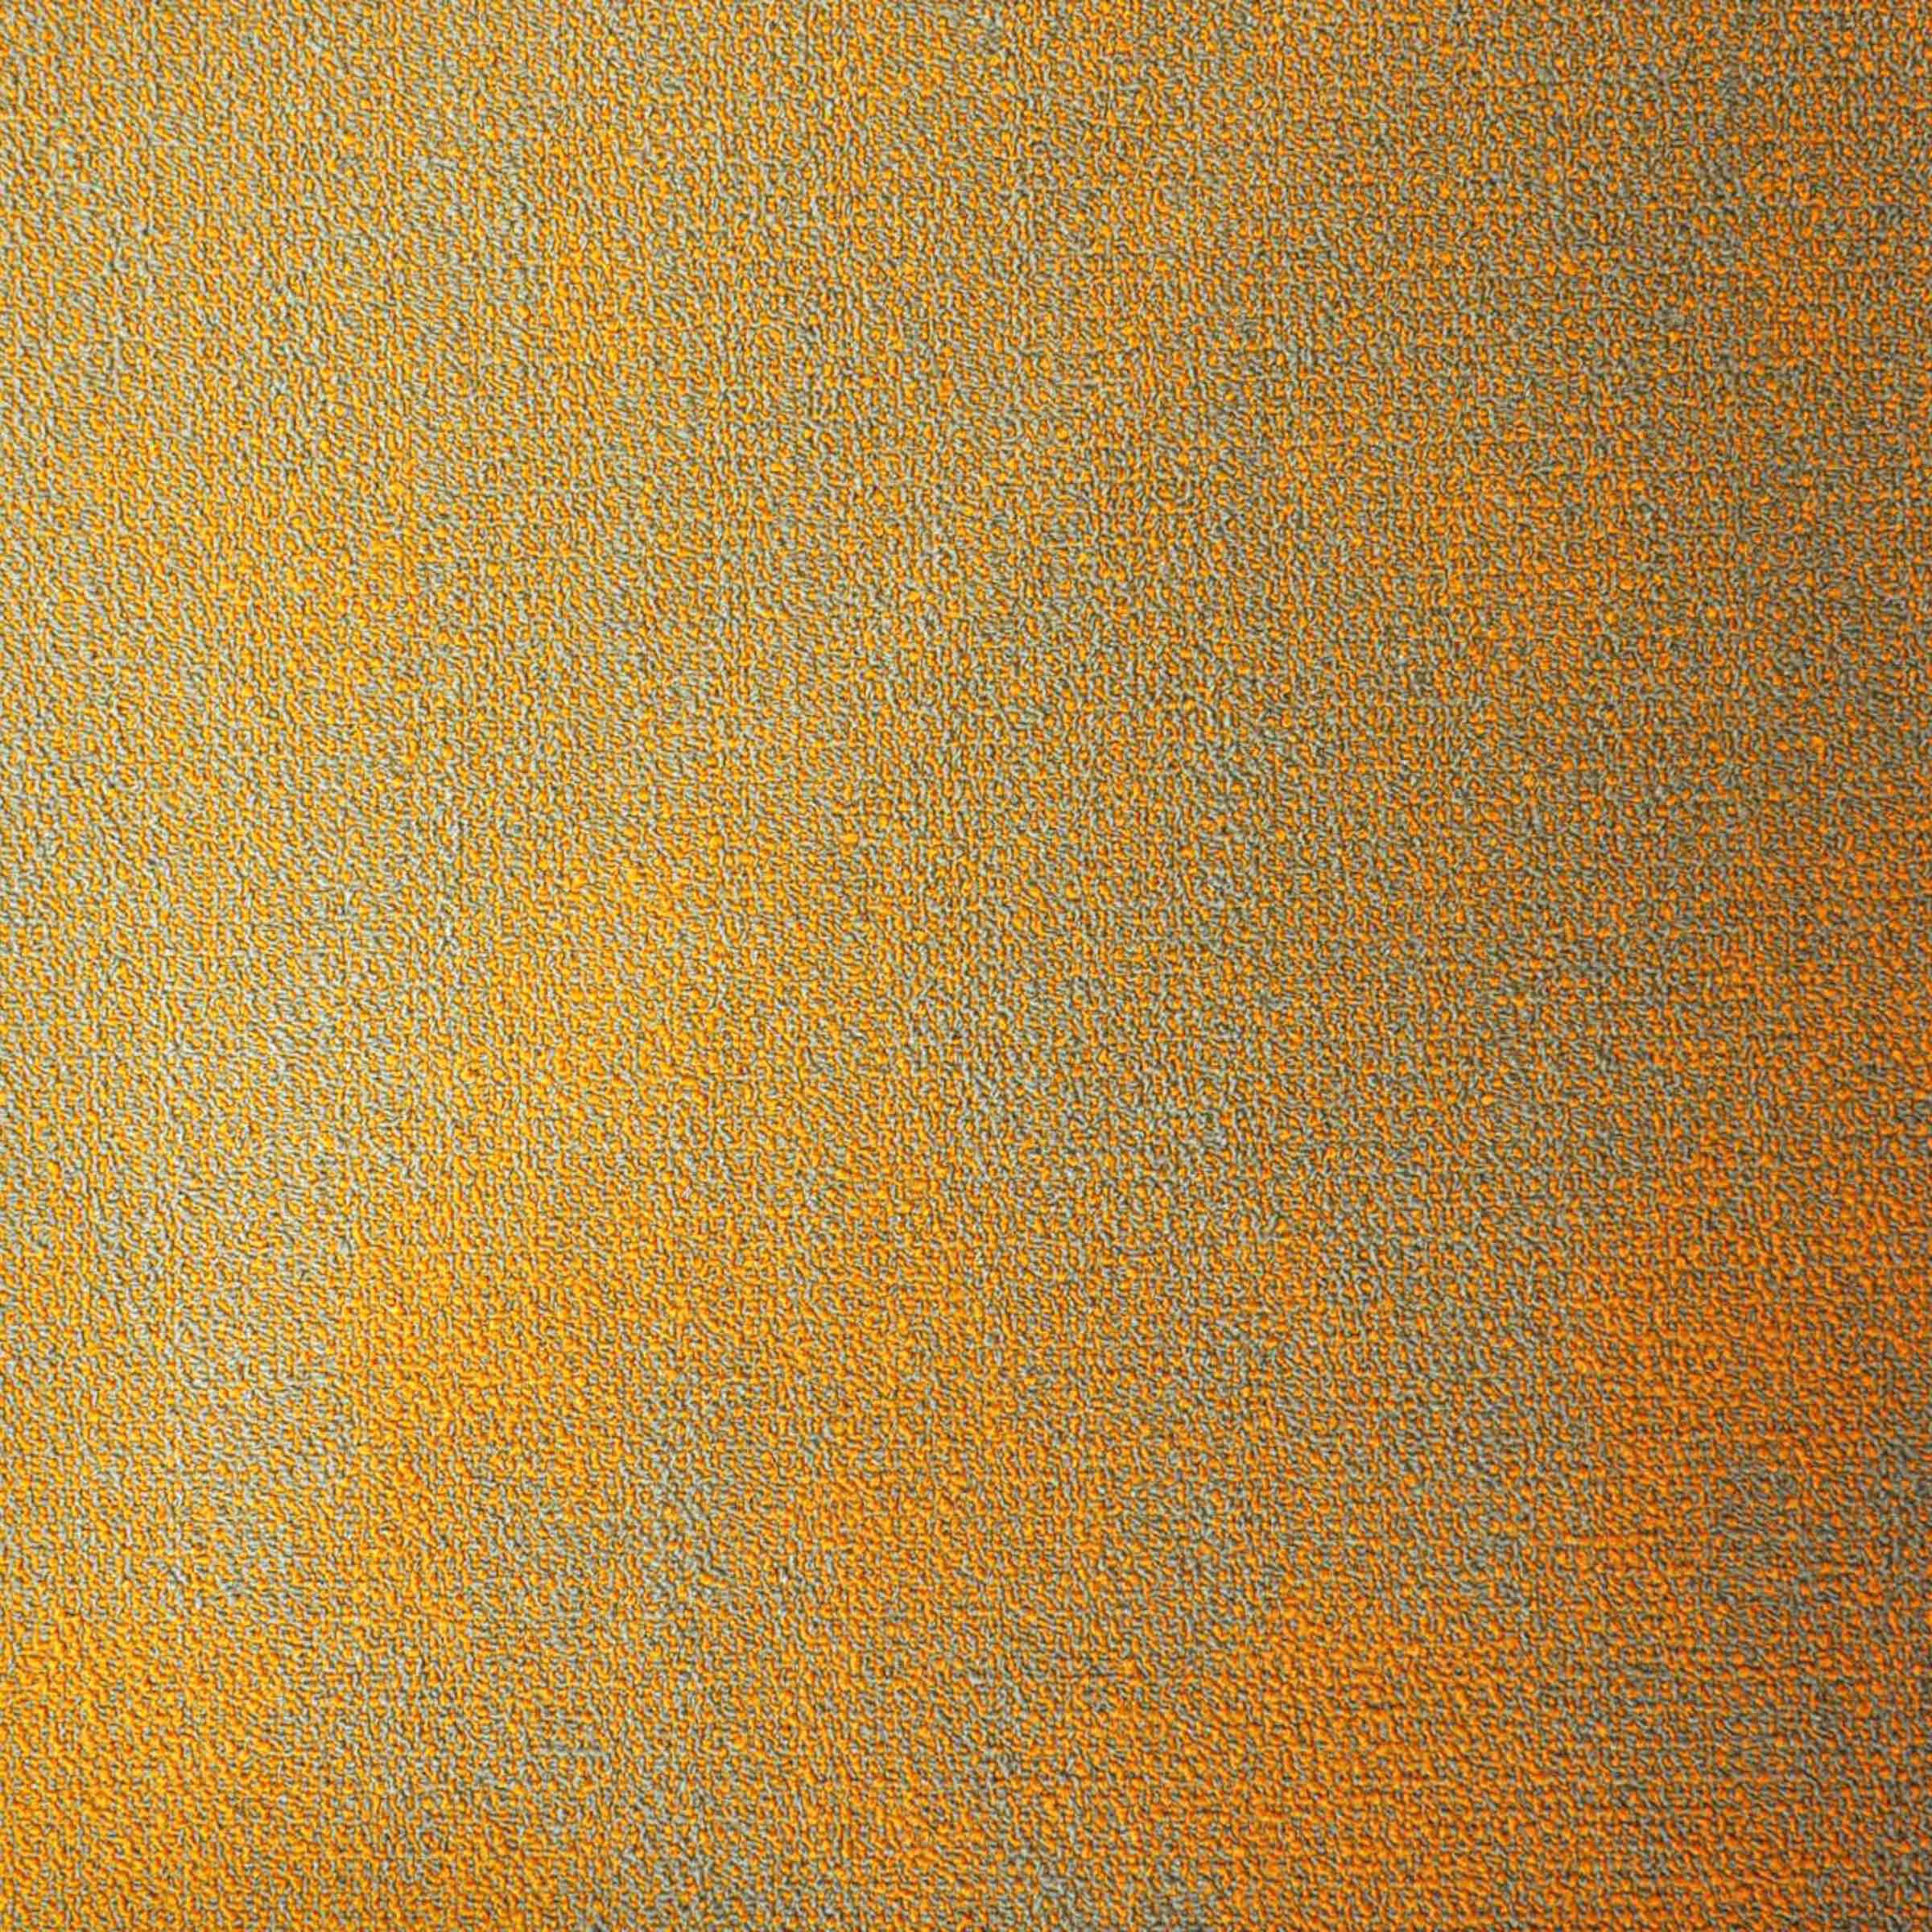 Vapour   Nebula   Paragon Carpet Tiles   Commercial Carpet Tiles